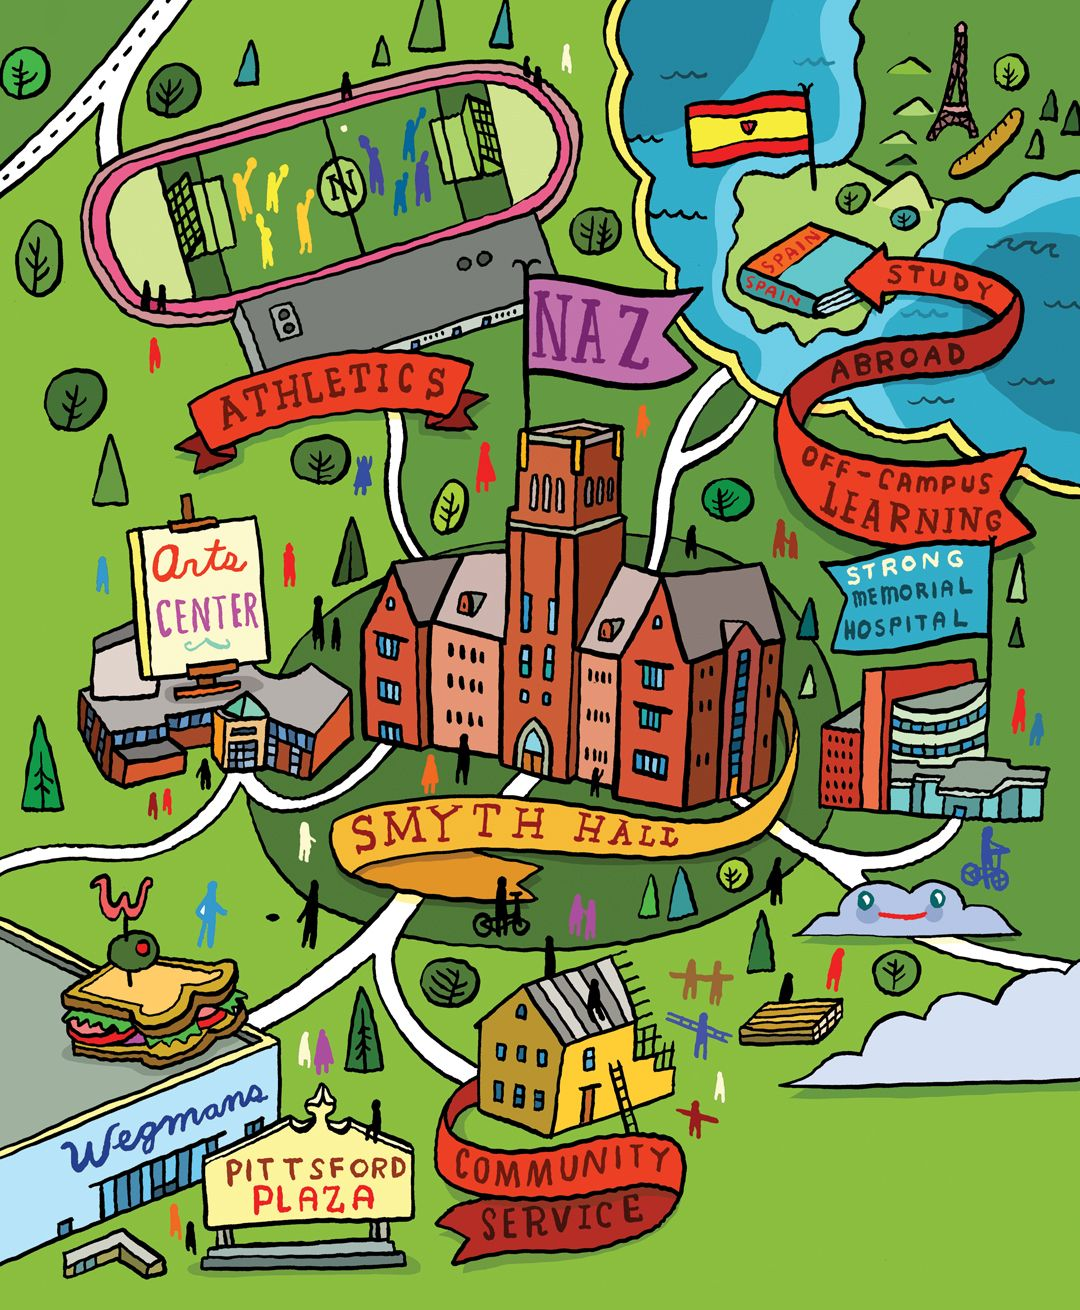 nazareth college campus map Nazareth College Maps Illustrated Map Campus Map Nazareth College nazareth college campus map